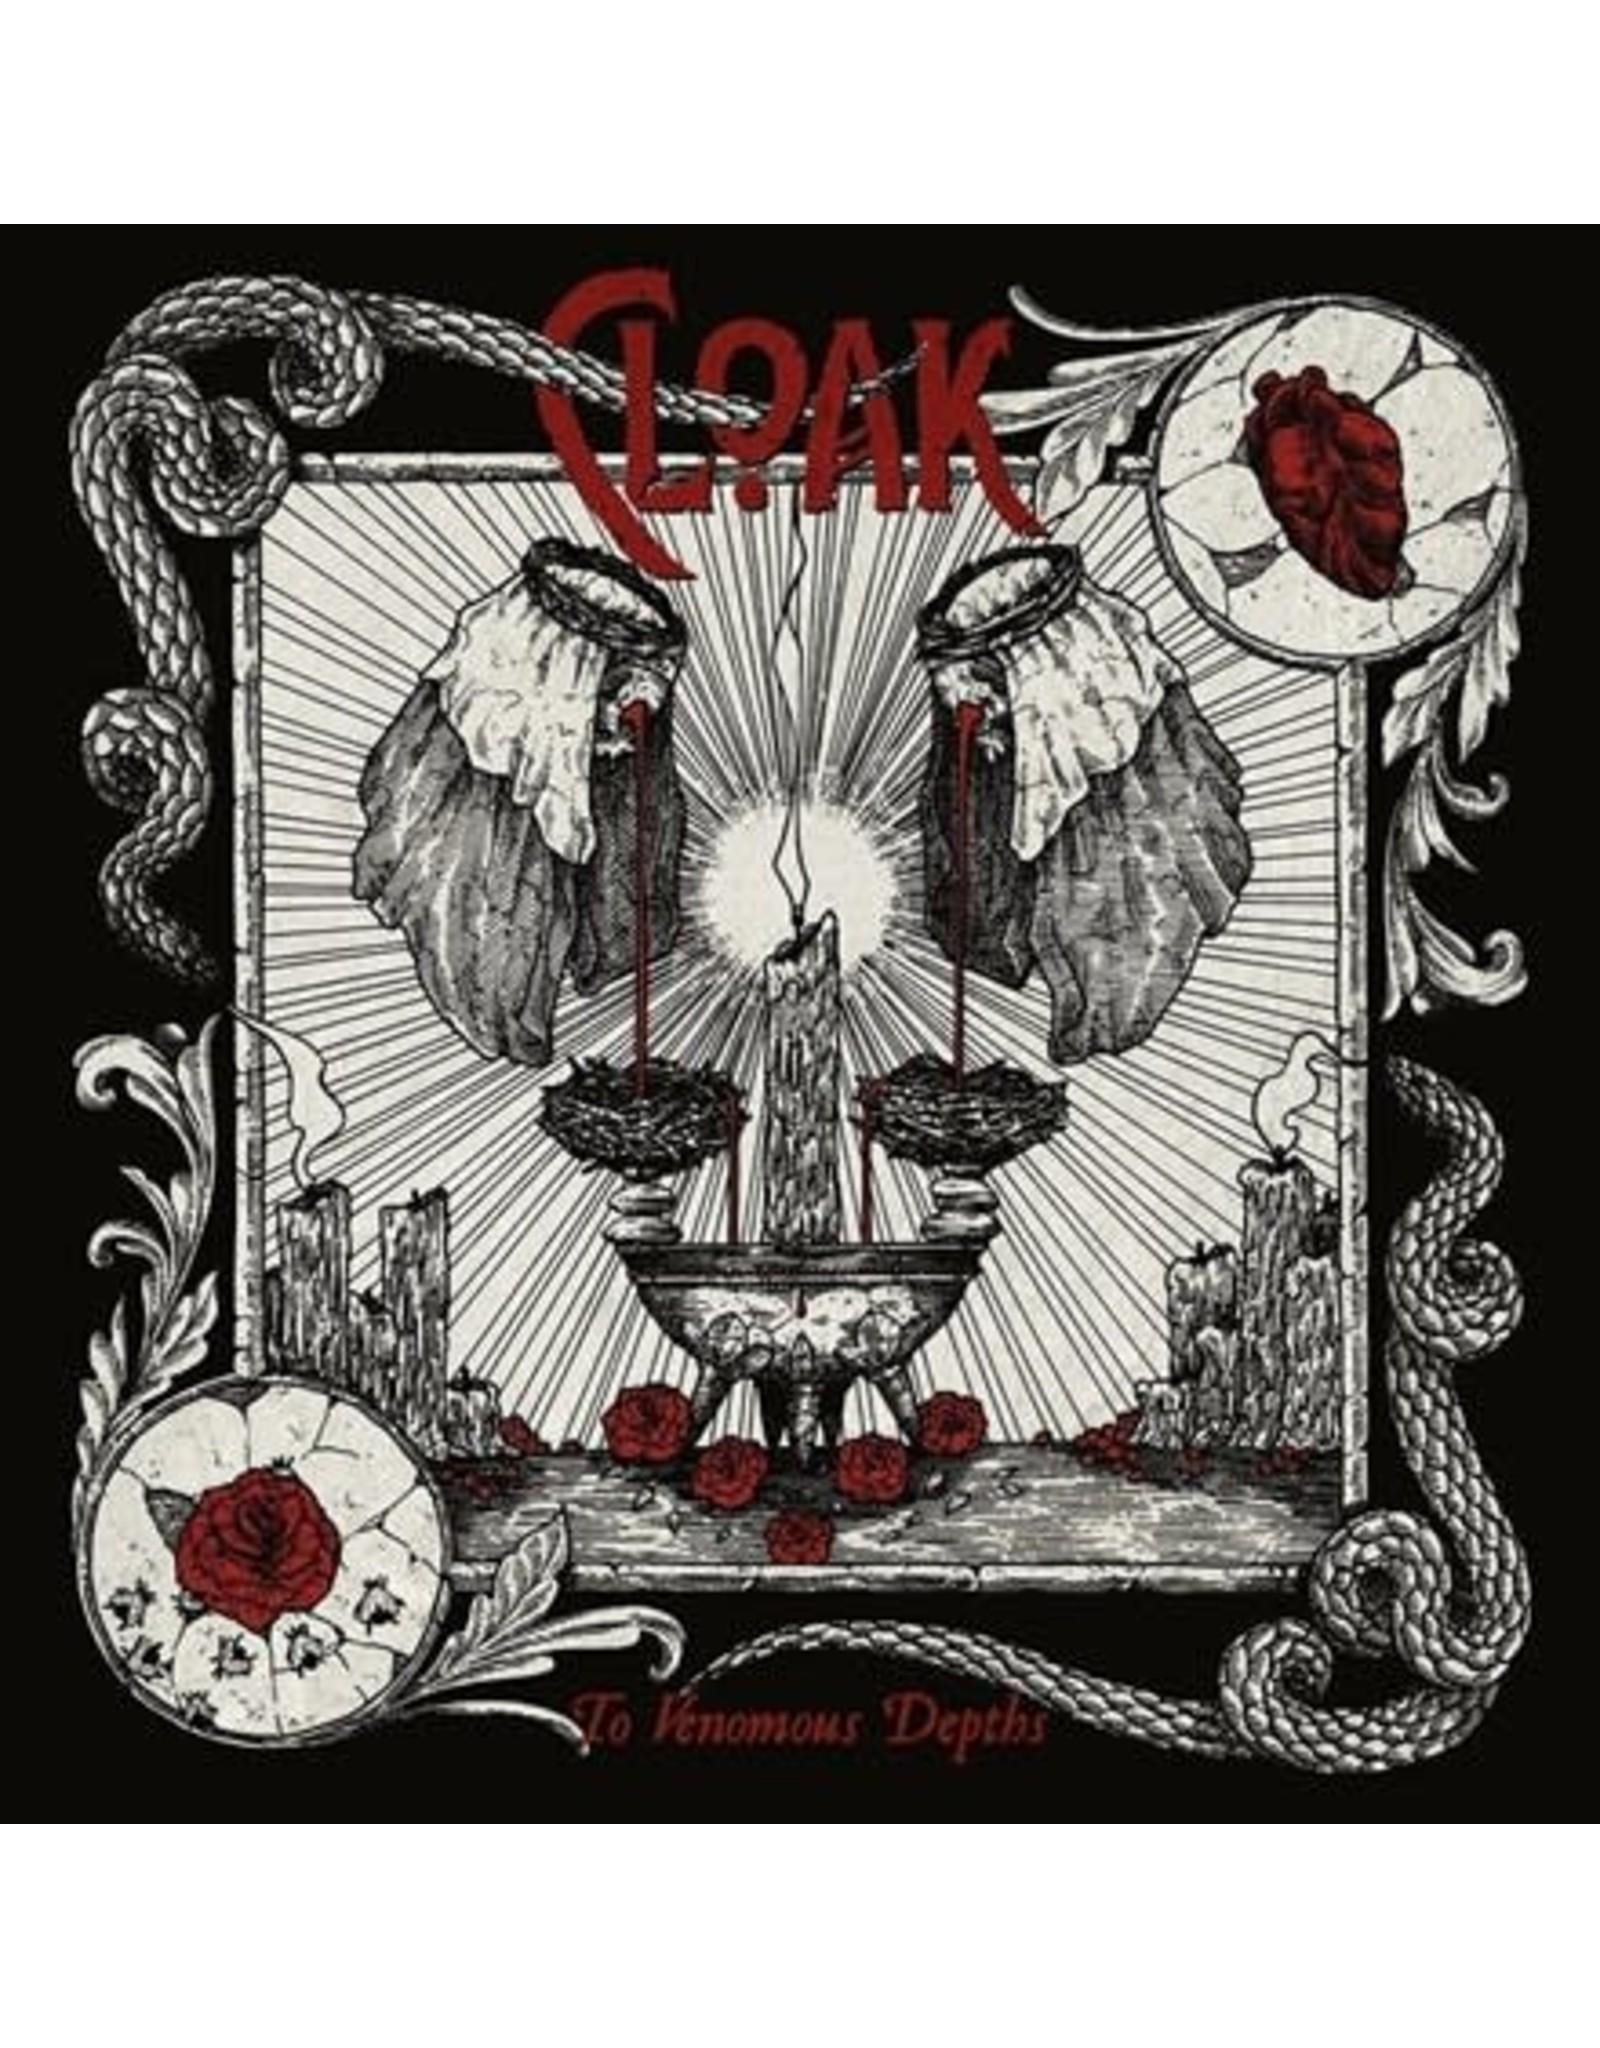 Season of Mist Cloak: To Venomous Depths LP